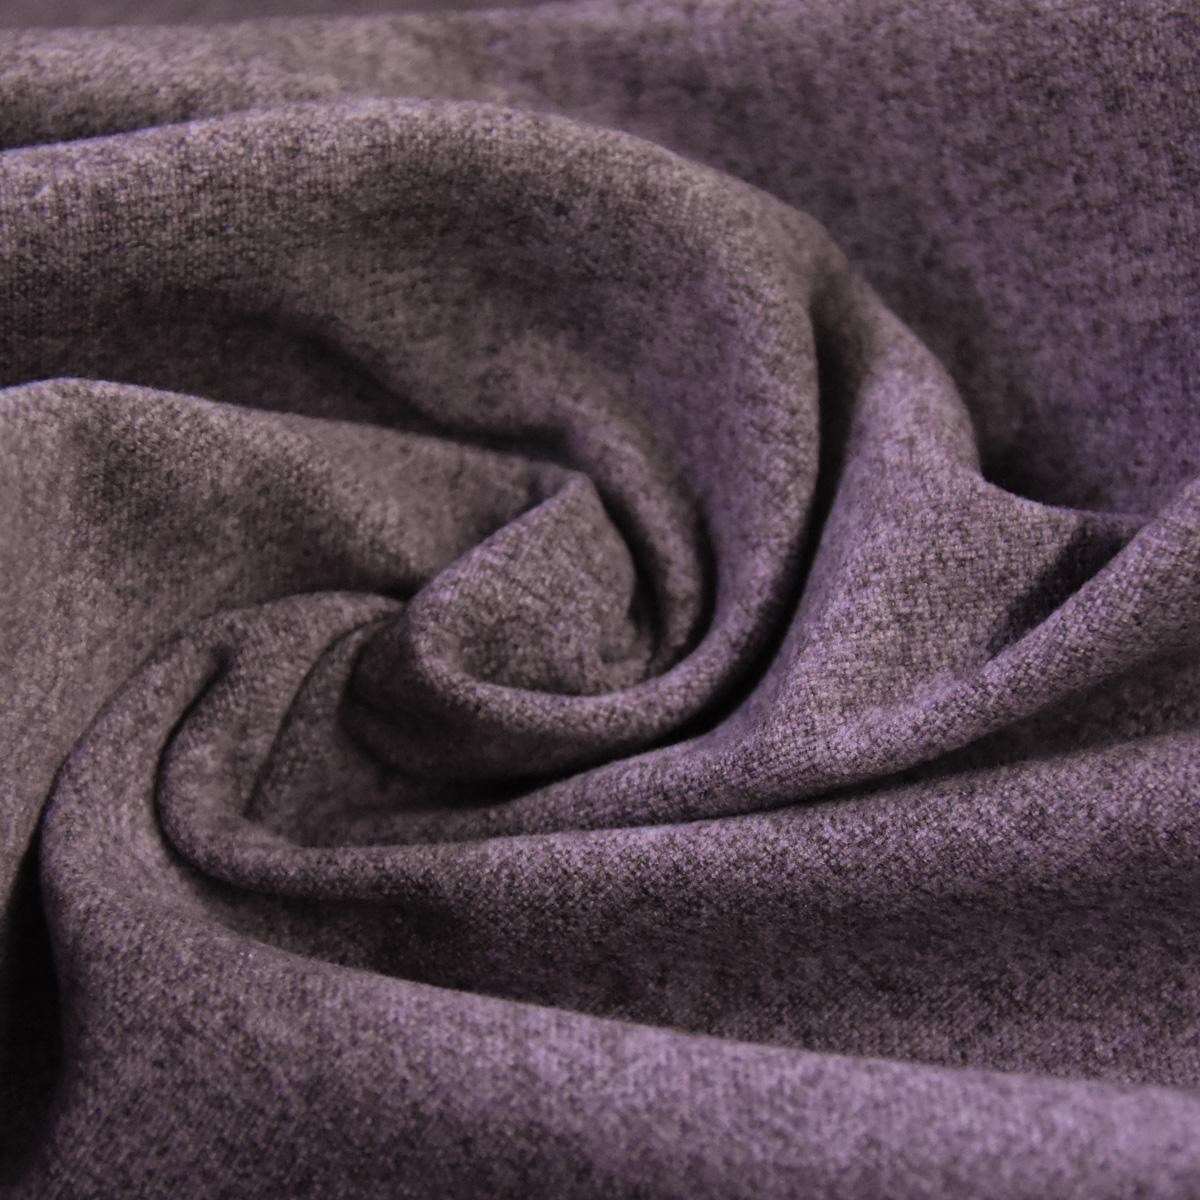 Bezugsstoff Möbelstoff Polsterstoff mit Vliesrücken MASADA einfarbig lila